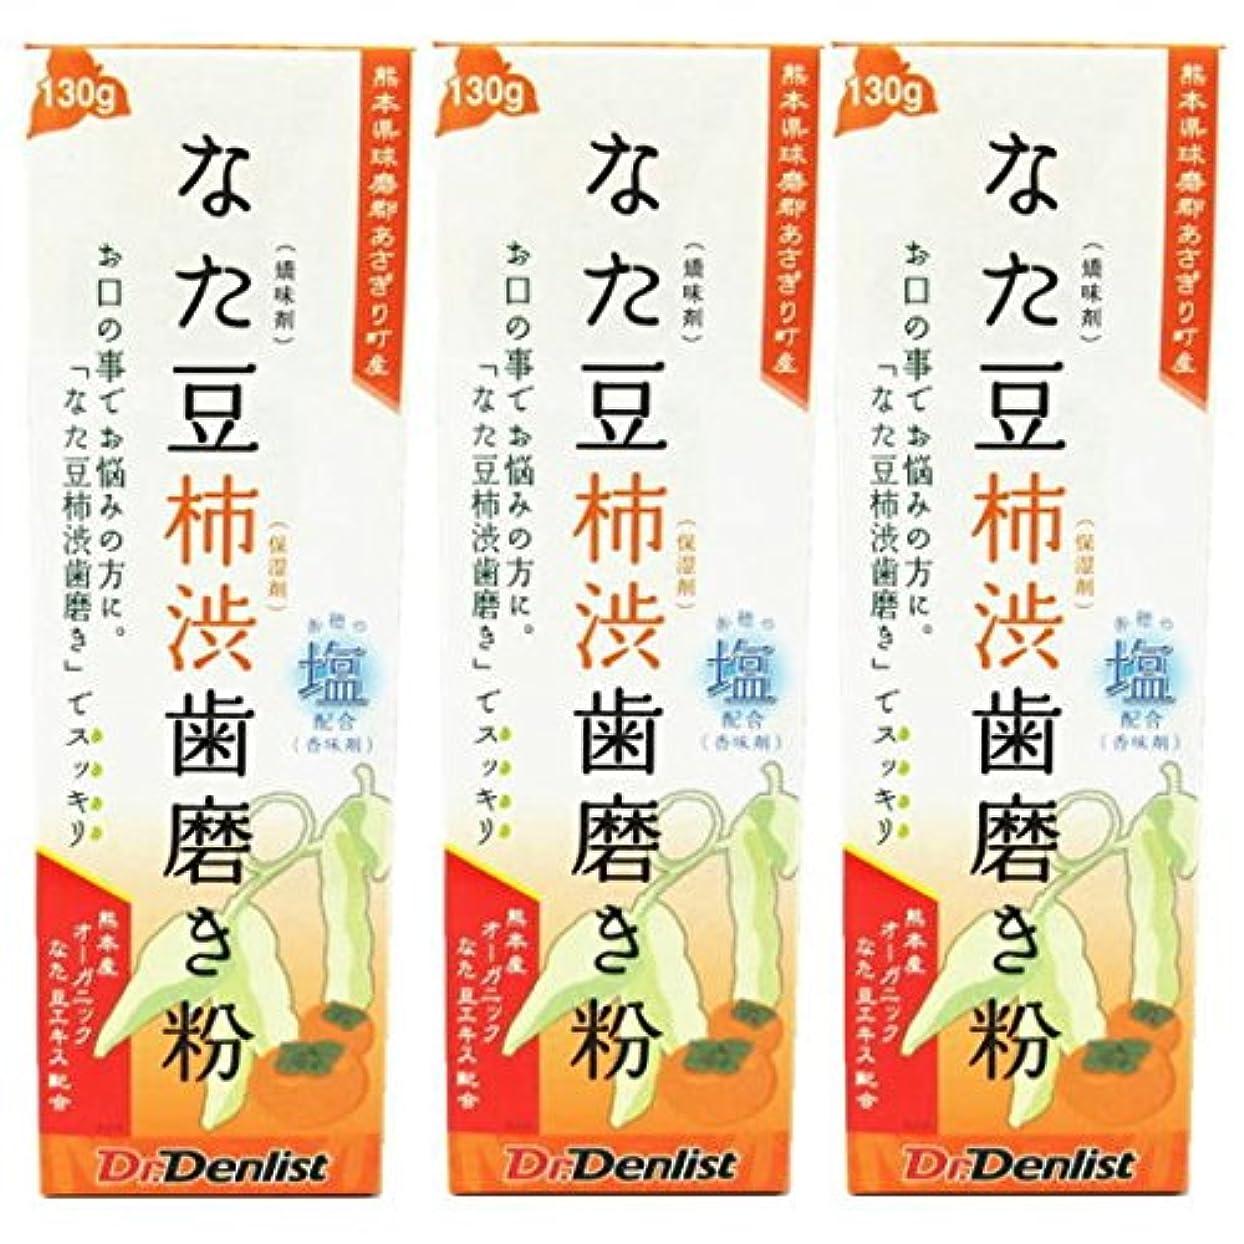 すきパブ嫉妬なた豆柿渋歯磨き 130g 3個セット 国産 有機なた豆使用 赤穂の塩配合(香味剤)